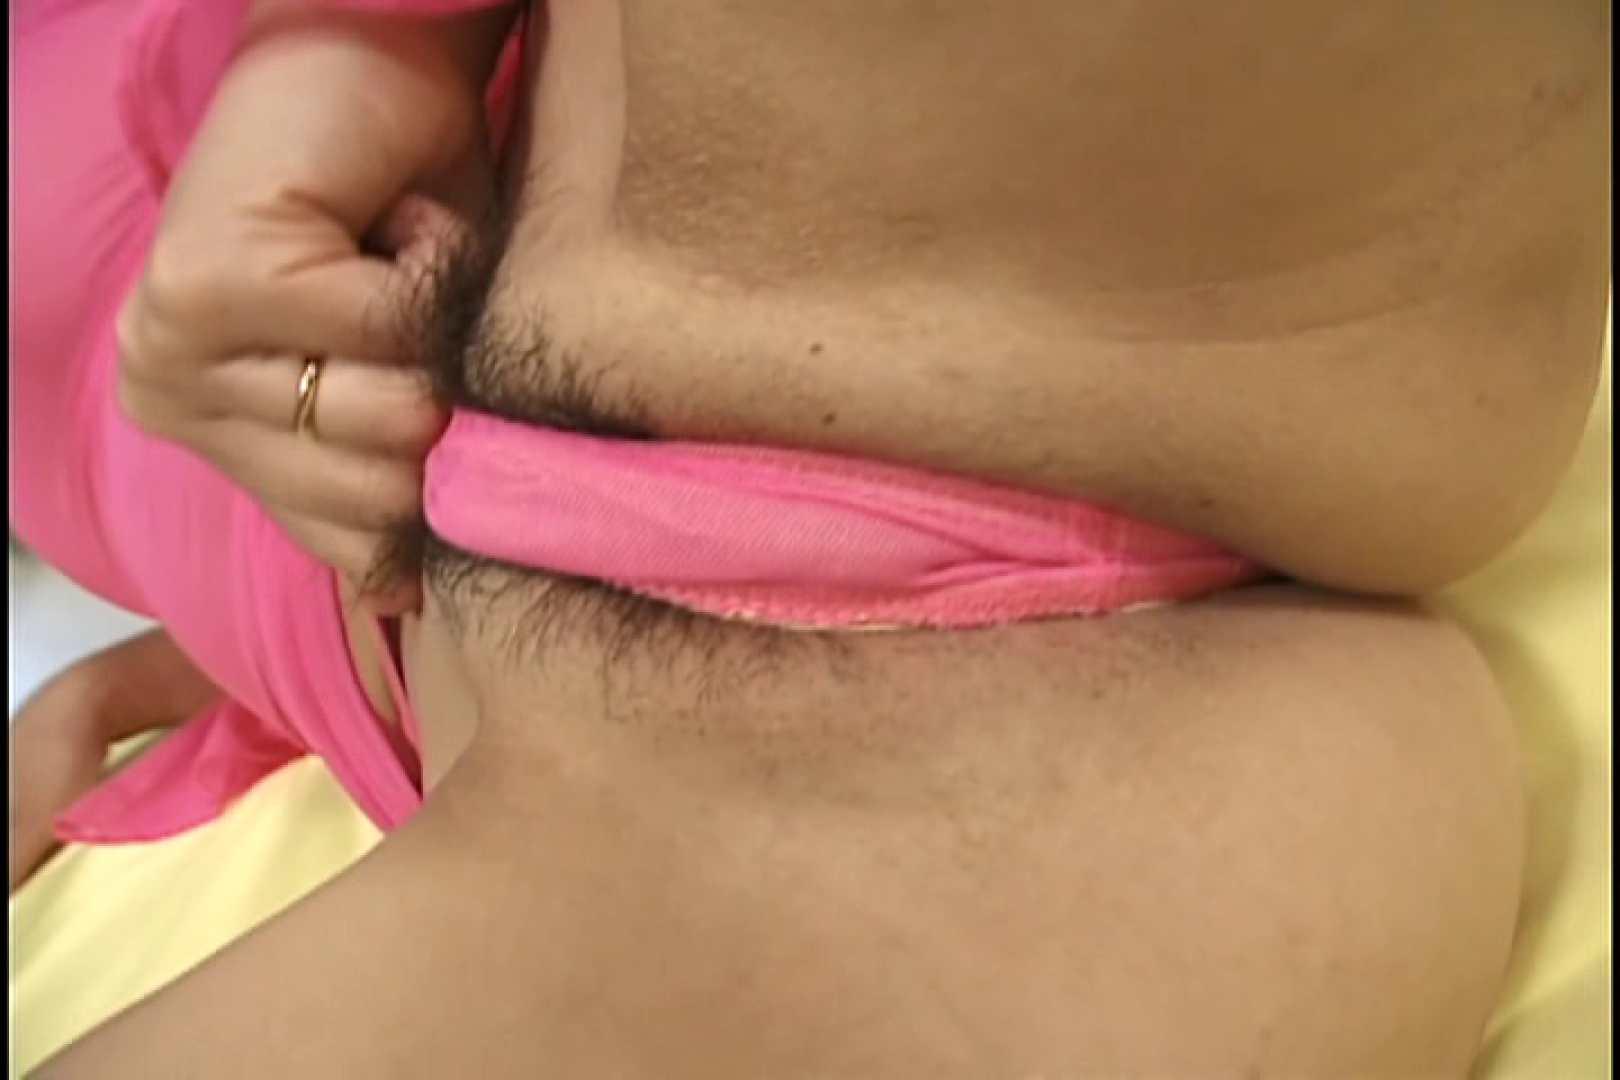 昼間の奥様は欲求不満 ~幸田みゆき~ SEX映像 オメコ無修正動画無料 106pic 53